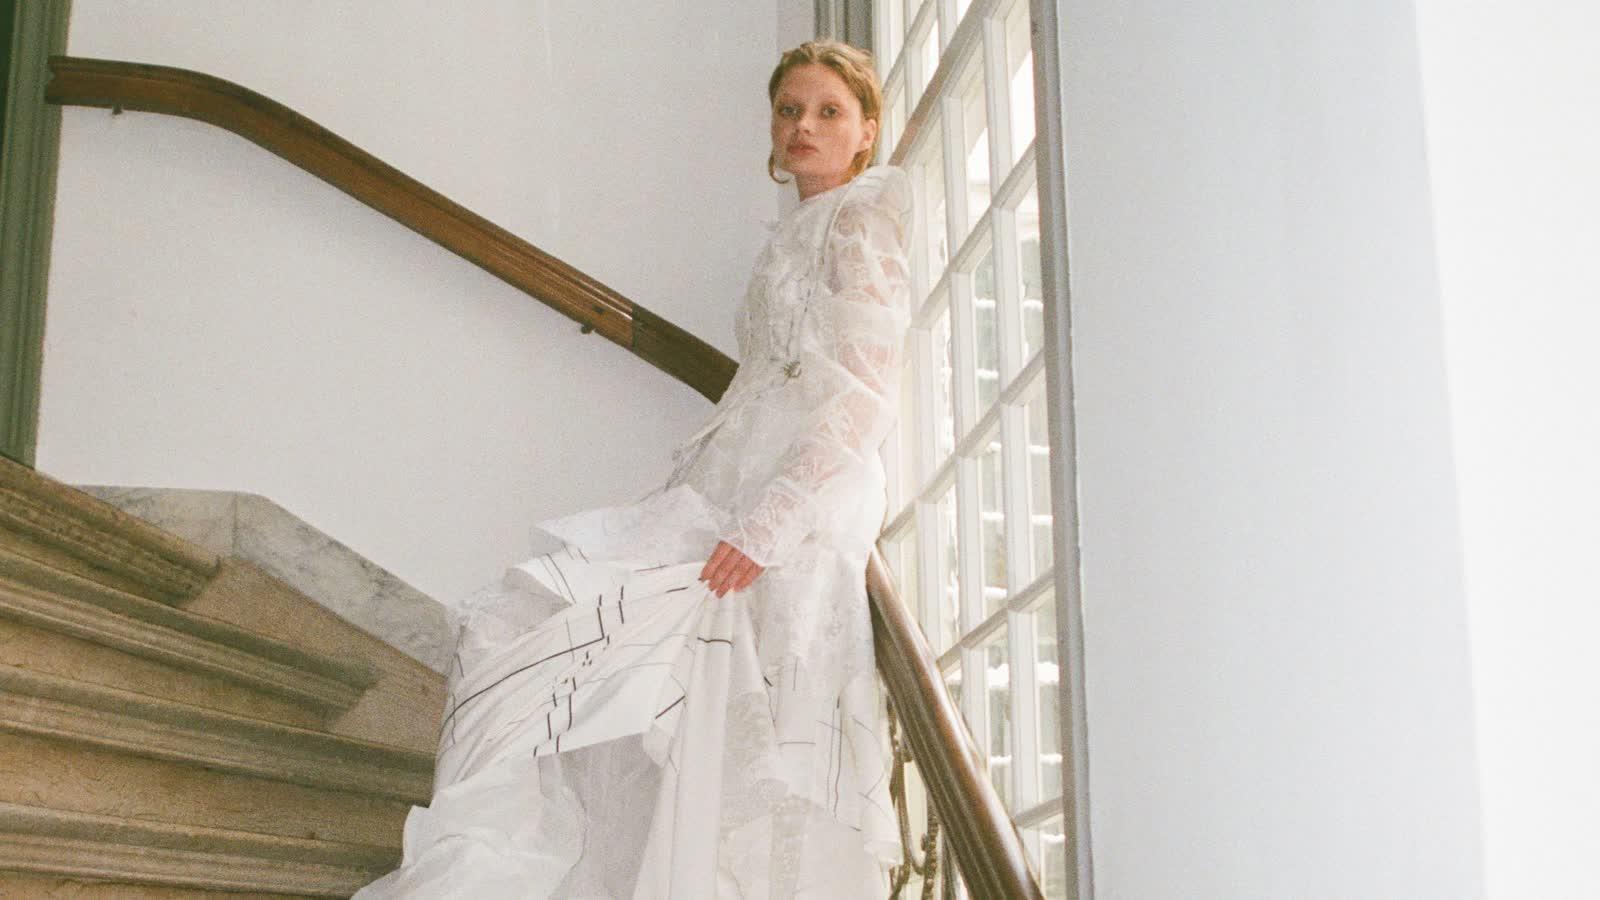 4 praktische Tipps für den Kauf eines nachhaltigen Brautkleids